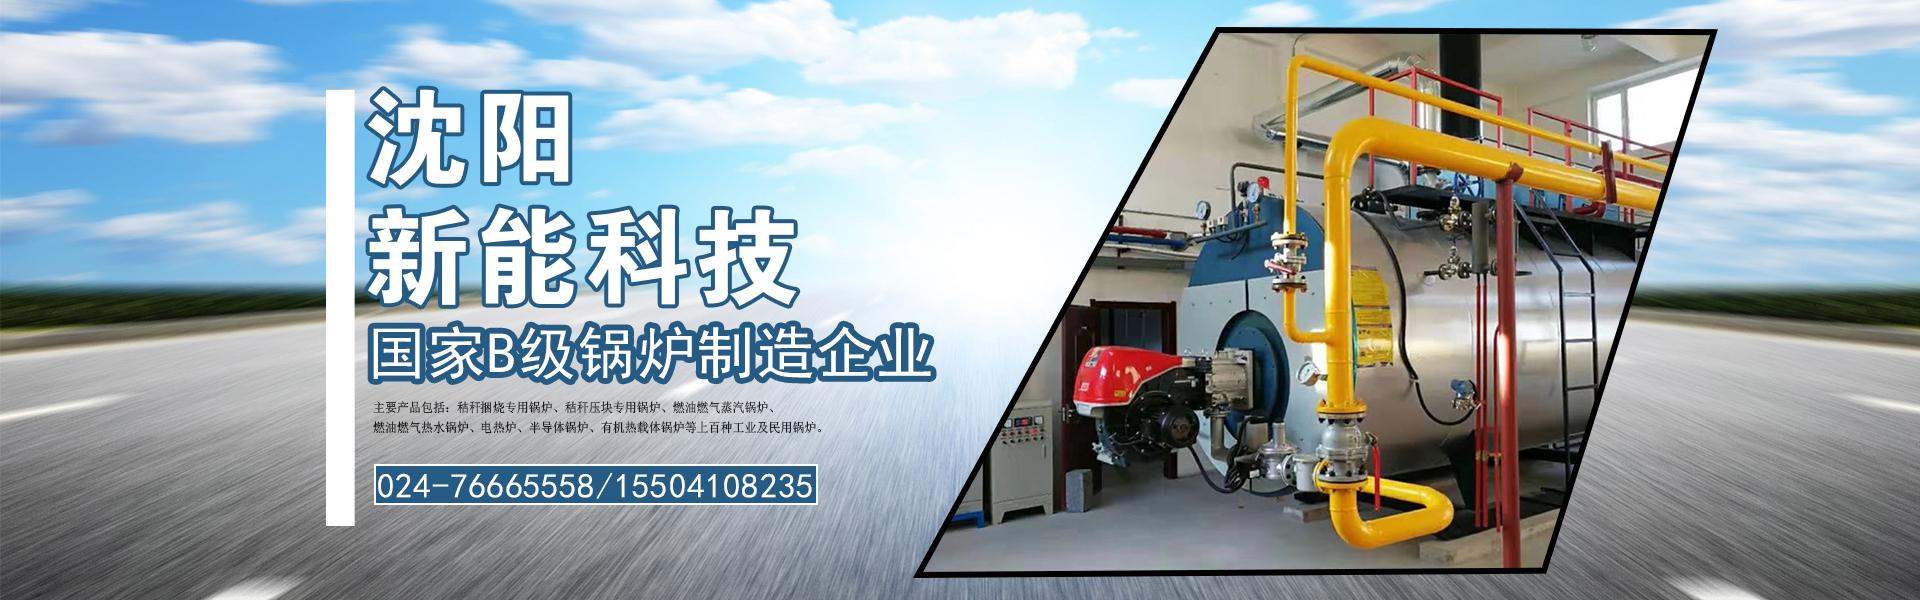 沈阳模块锅炉,沈阳电锅炉,沈阳燃气锅炉安装维修